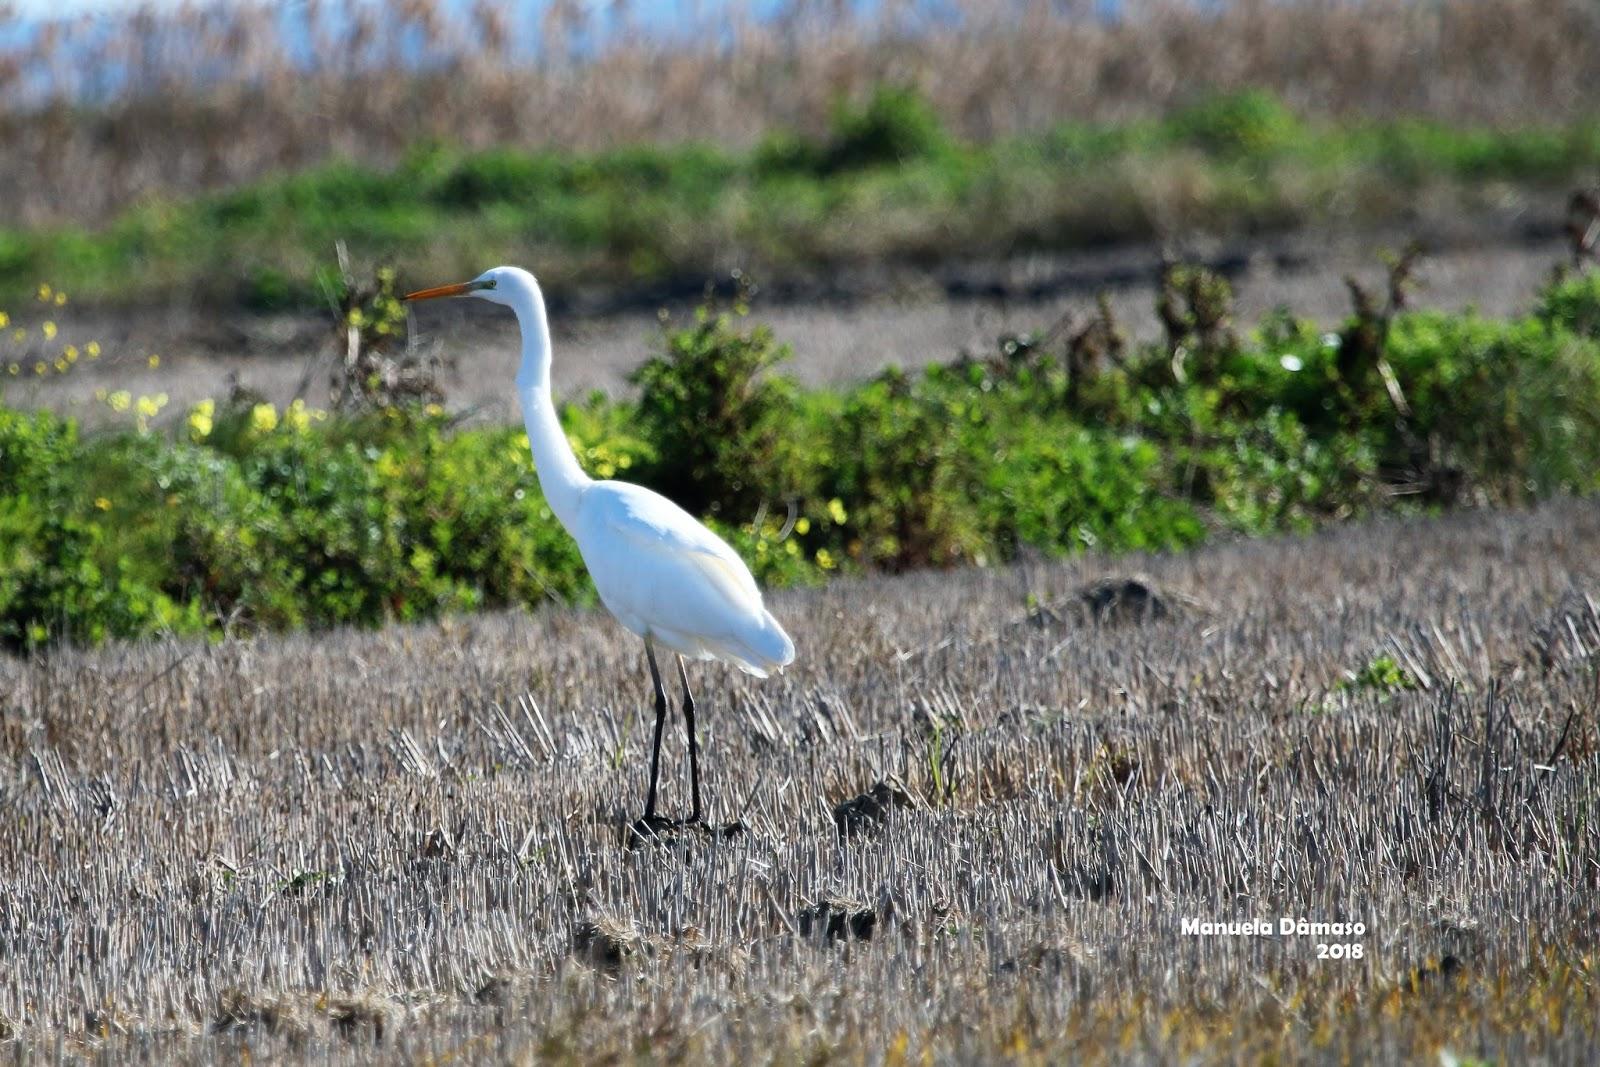 voando na natureza garça branca grande